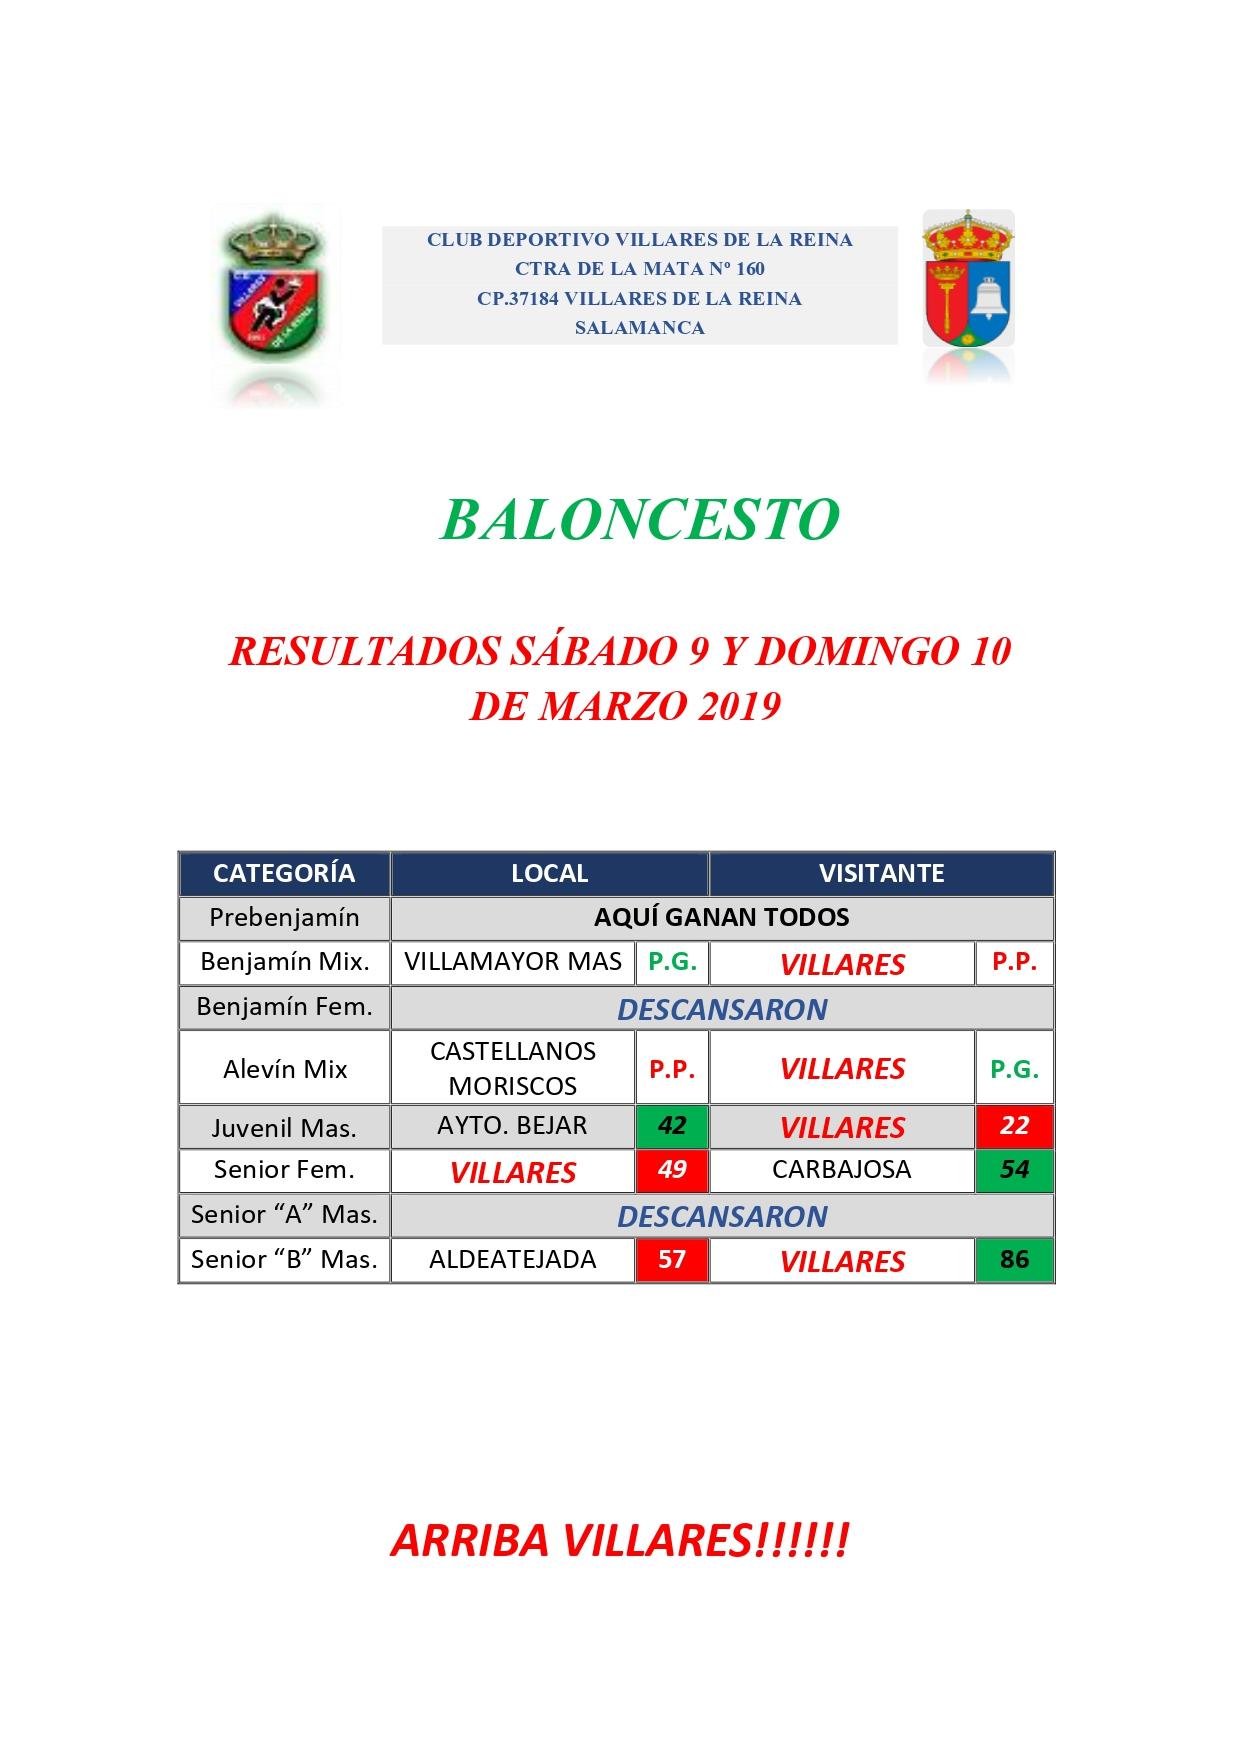 RESULTADOS DE BALONCESTO DEL S�BADO 9 Y DOMINGO 10 DE MARZO